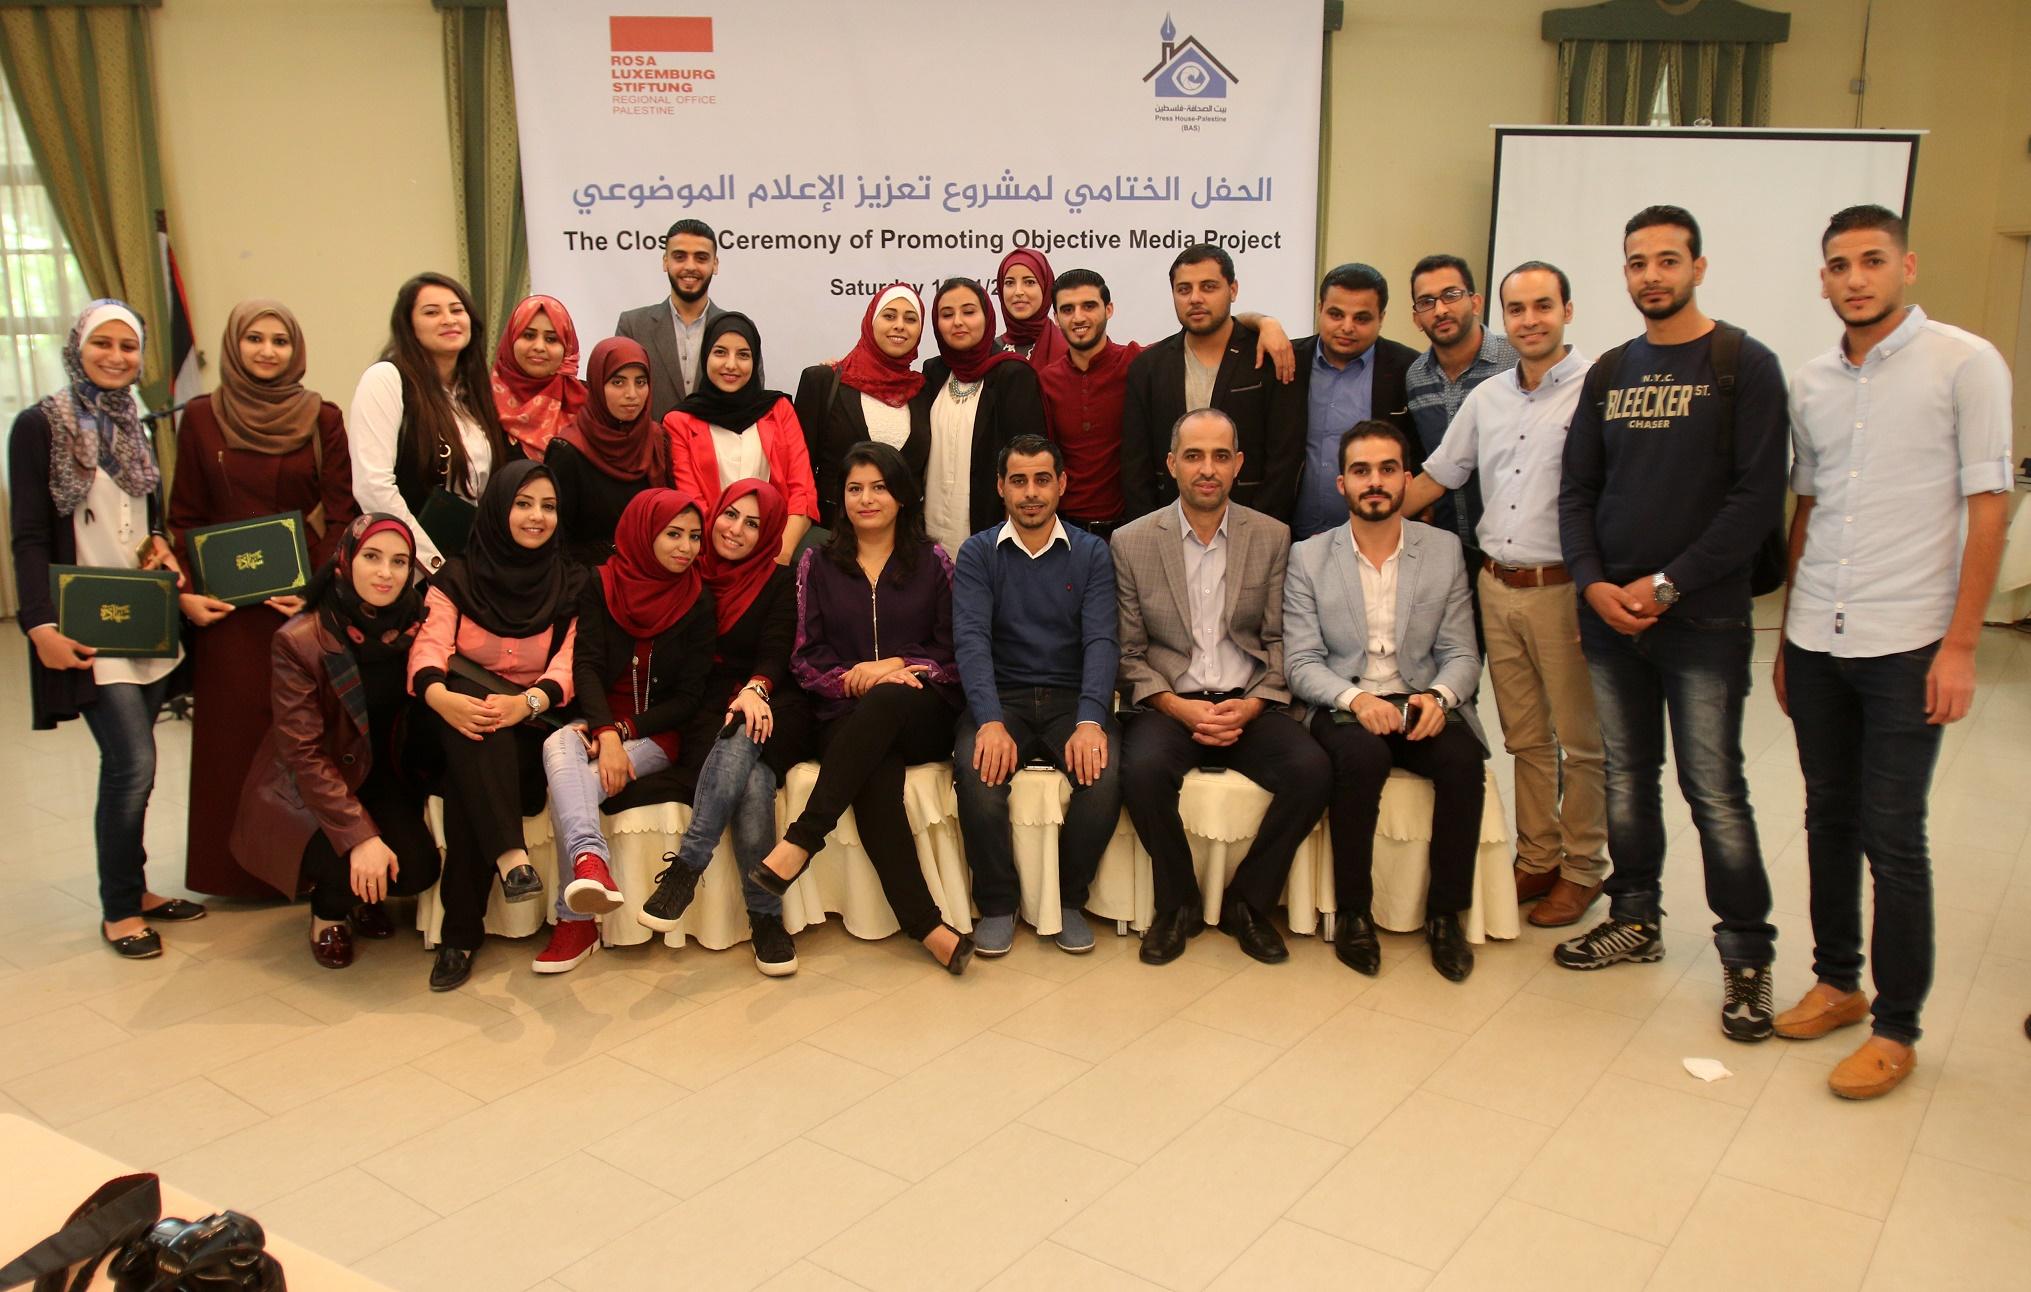 بيت الصحافة يختتم مشروع تعزيز الاعلام الموضوعي